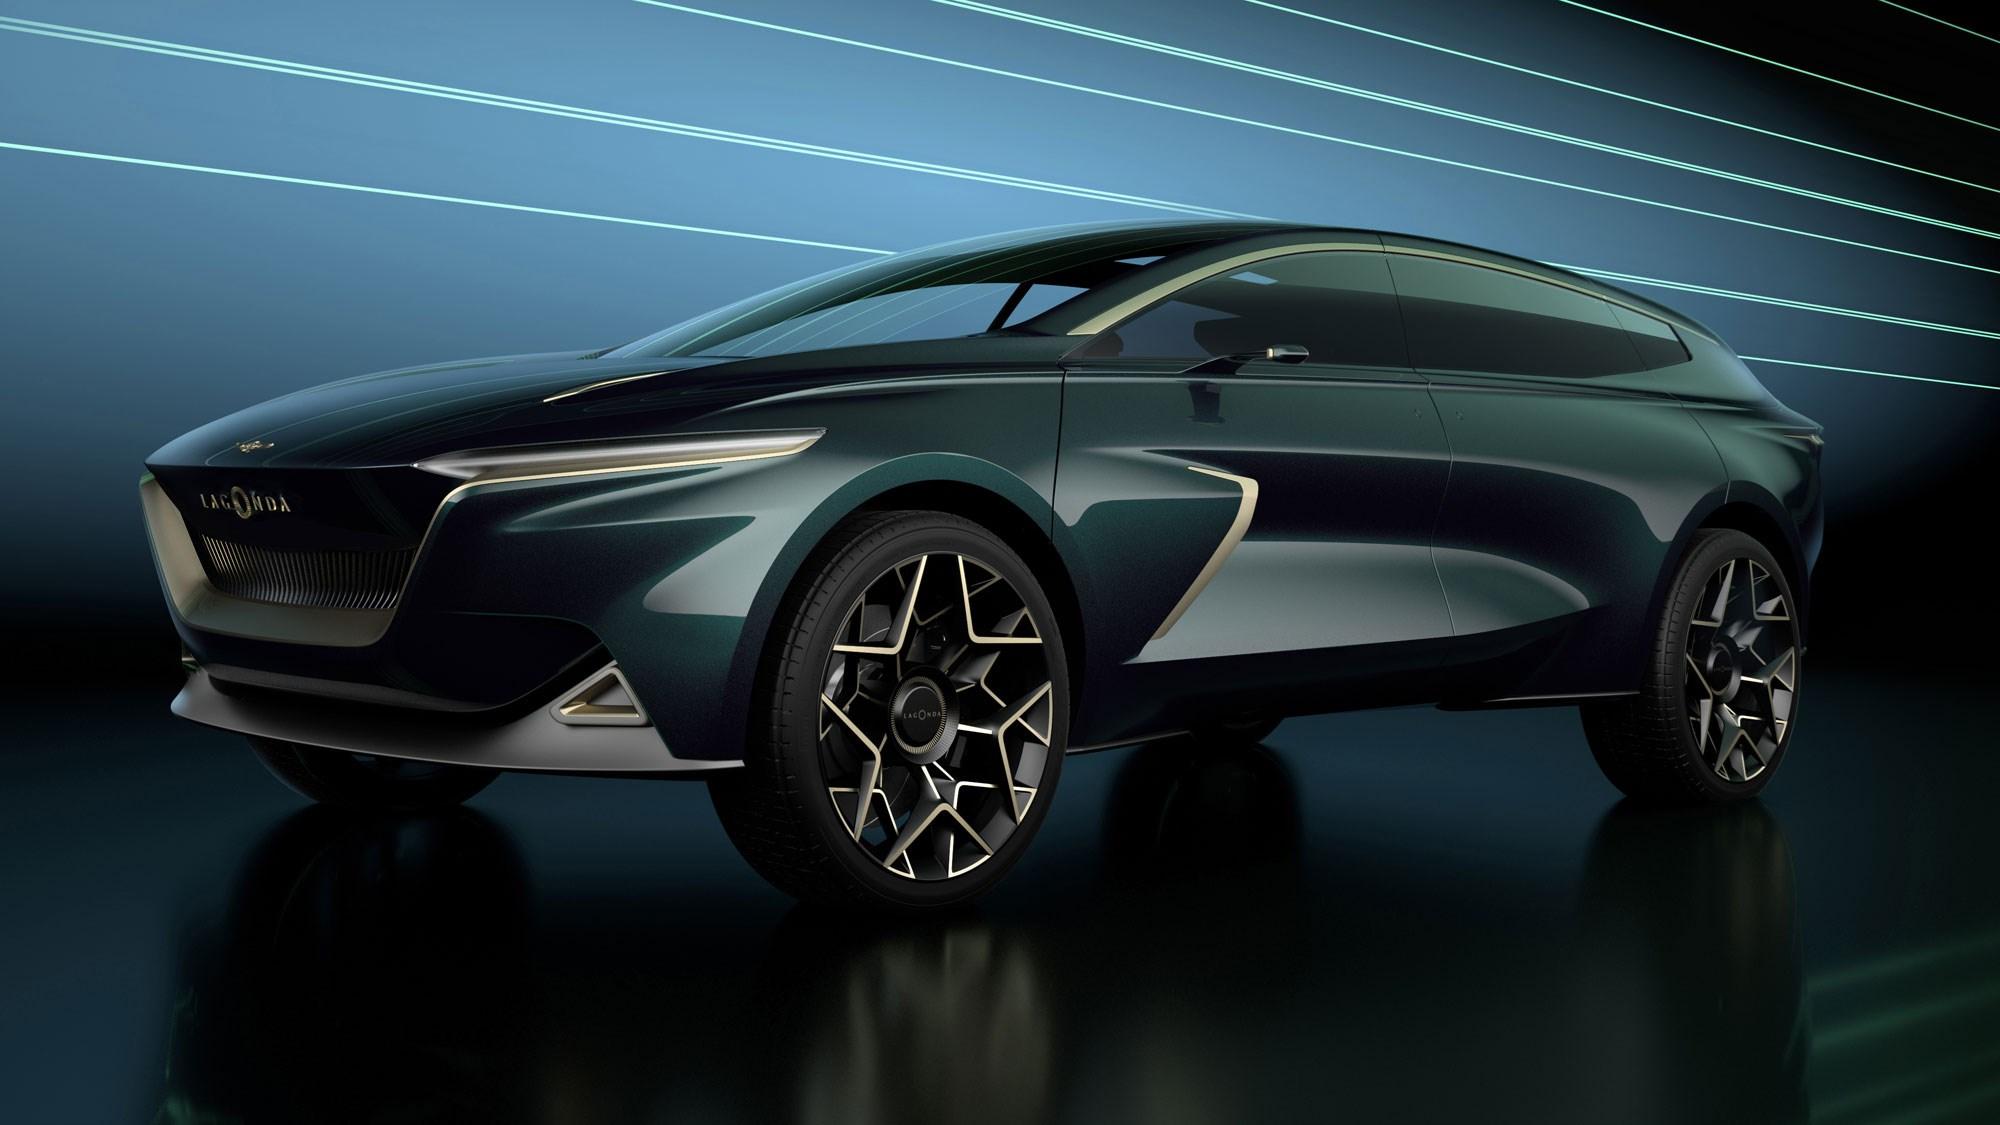 Lagonda All Terrain Concept Aston Martin Electric Suv Revealed At